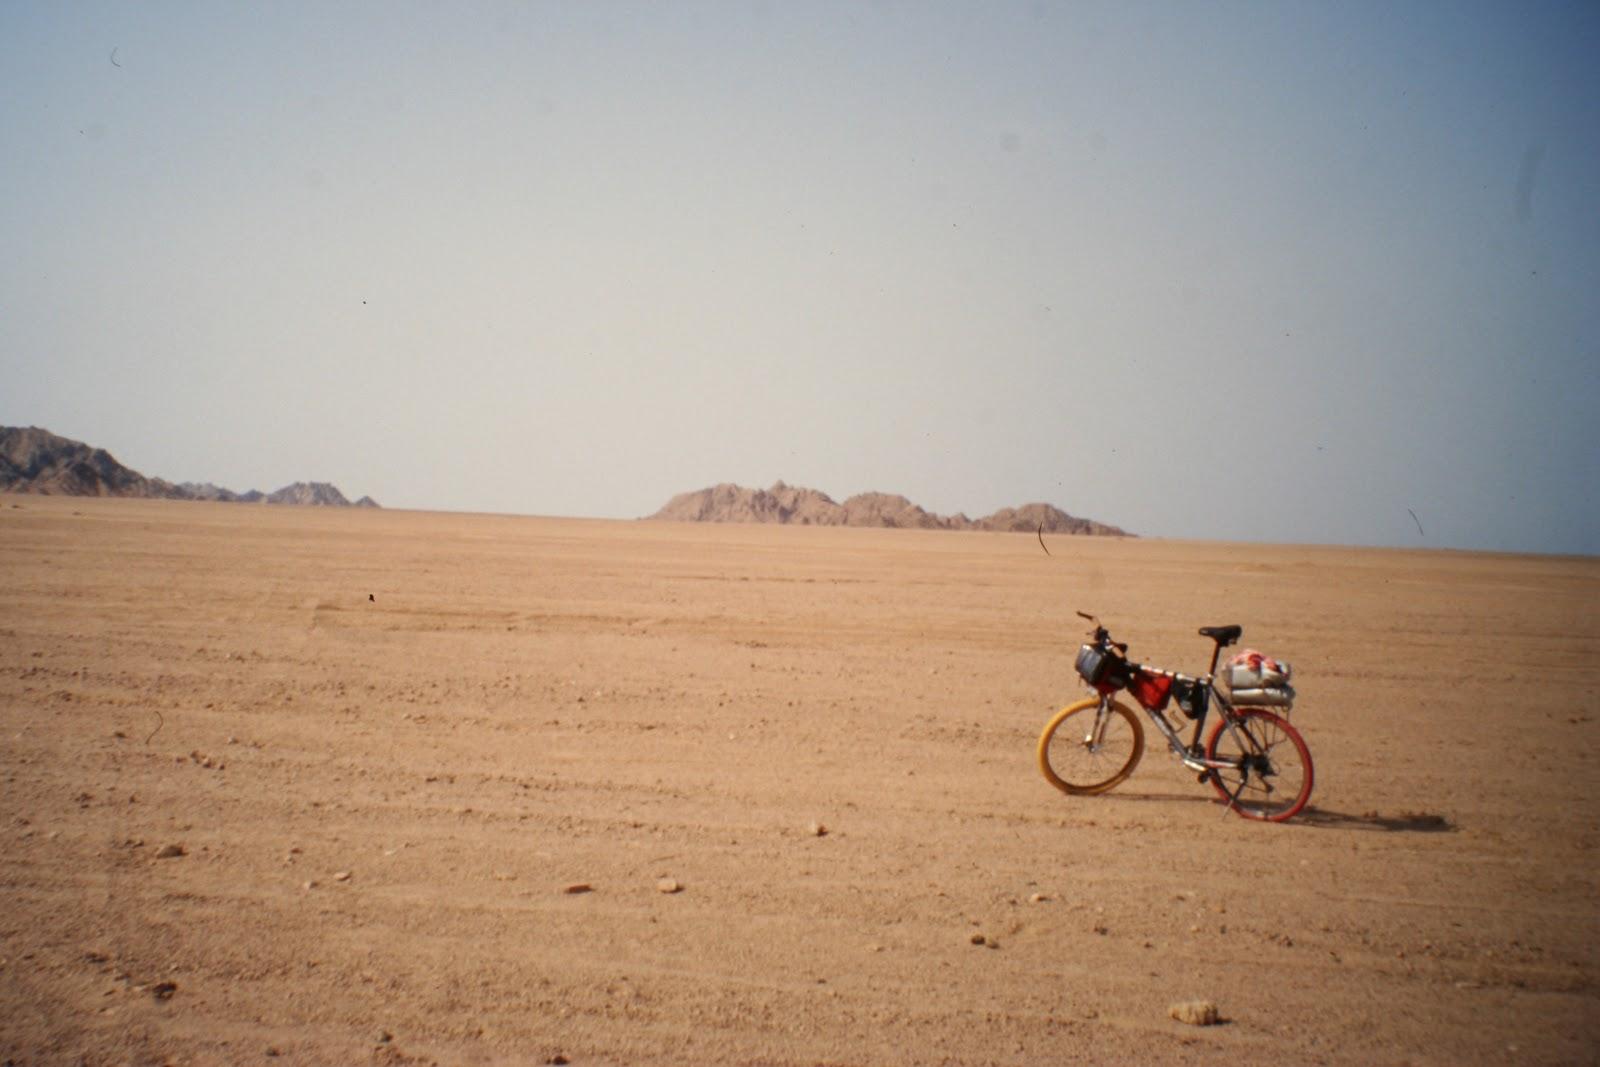 le montagne della luna: le ombre del deserto - Porta Di Sicurezza Con La Scena Del Deserto